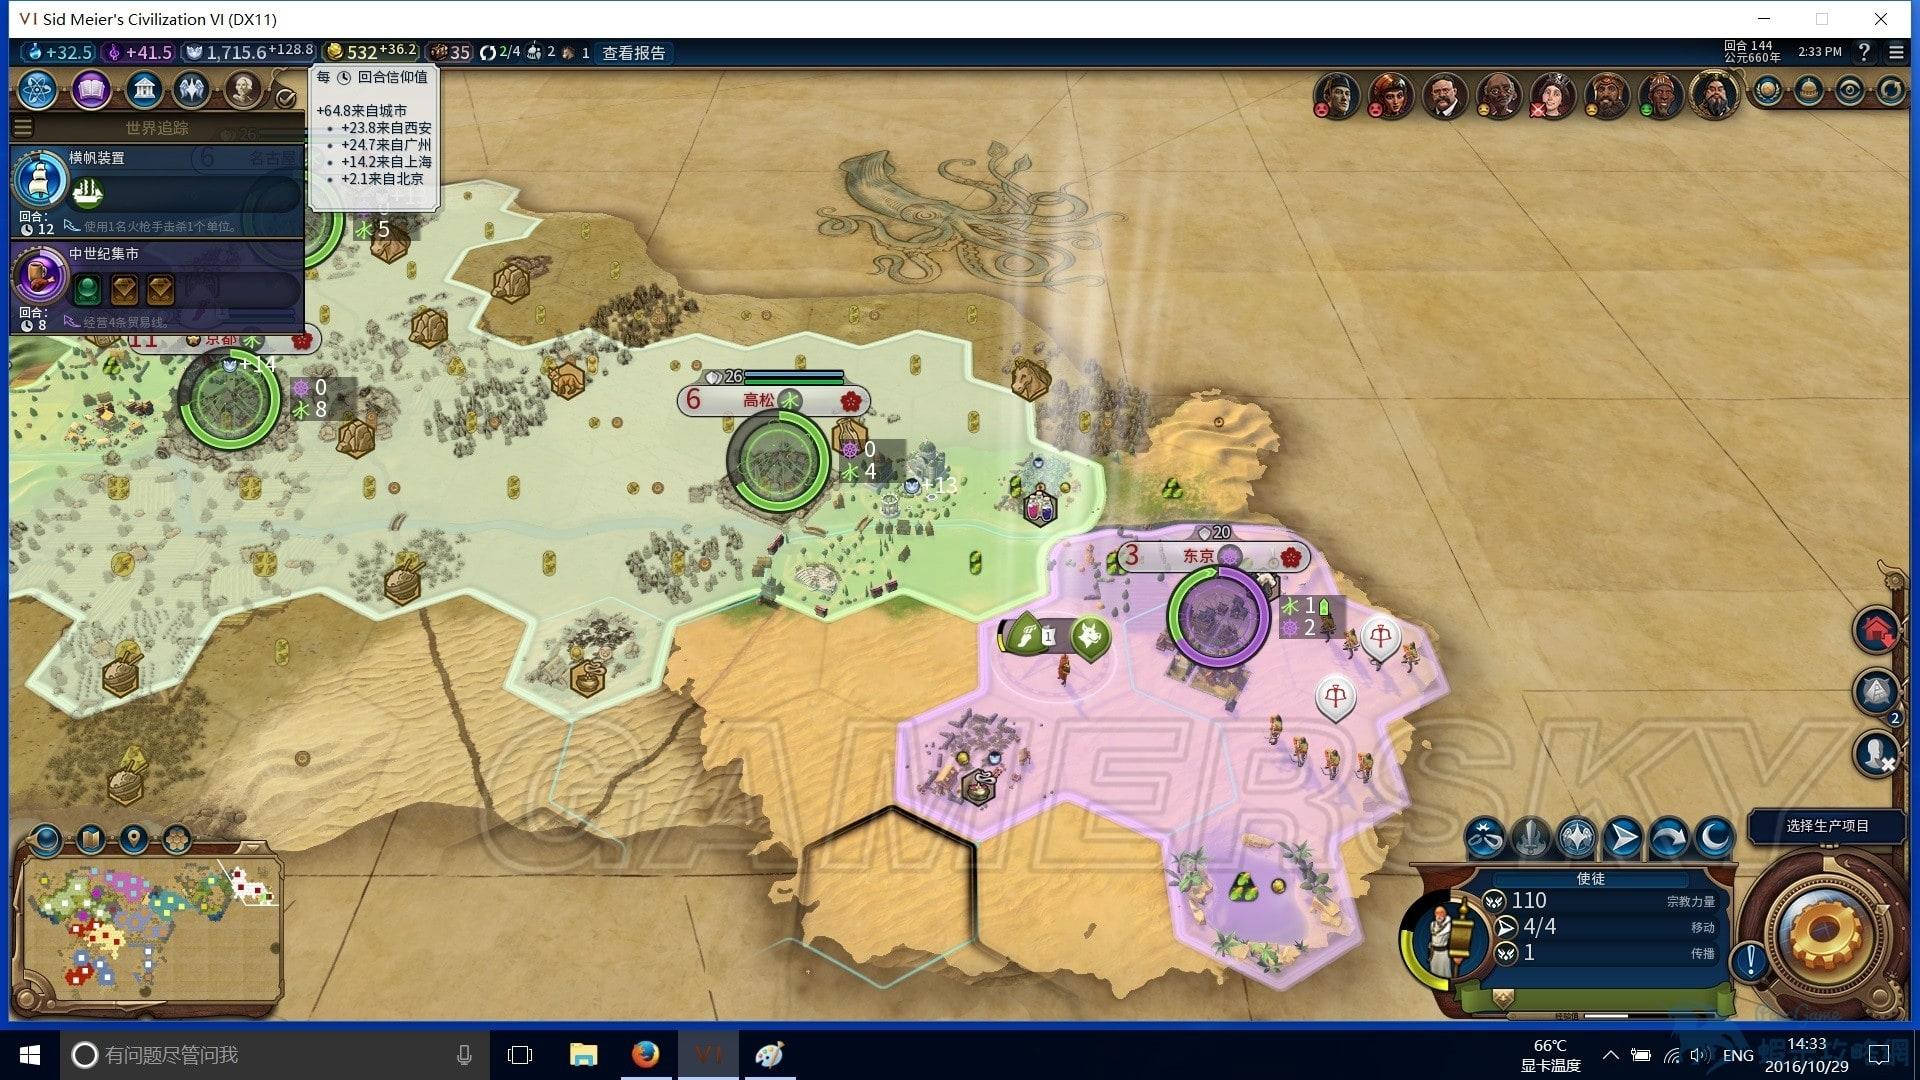 文明帝國 6 神級難度亞洲區宗教勝利玩法攻略 亞洲區怎麼宗教勝利